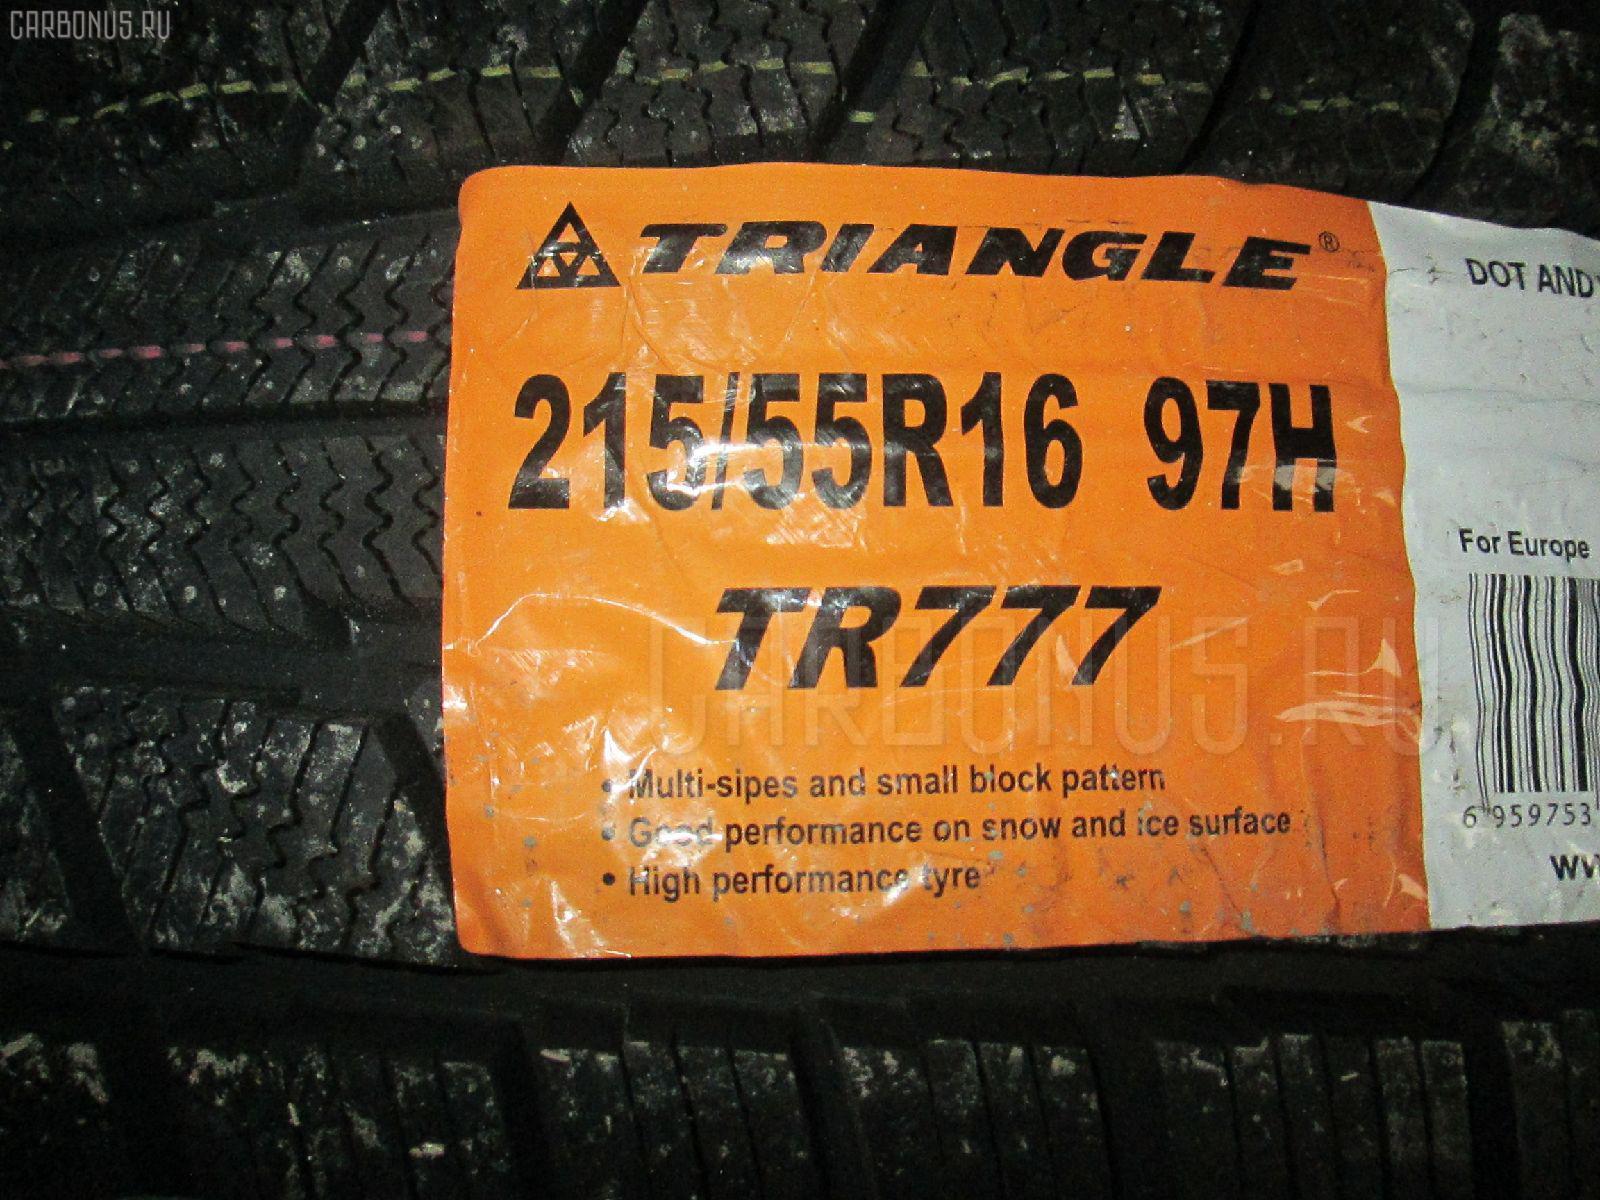 Автошина легковая зимняя TR777 215/55R16 TRIANGLE Фото 1